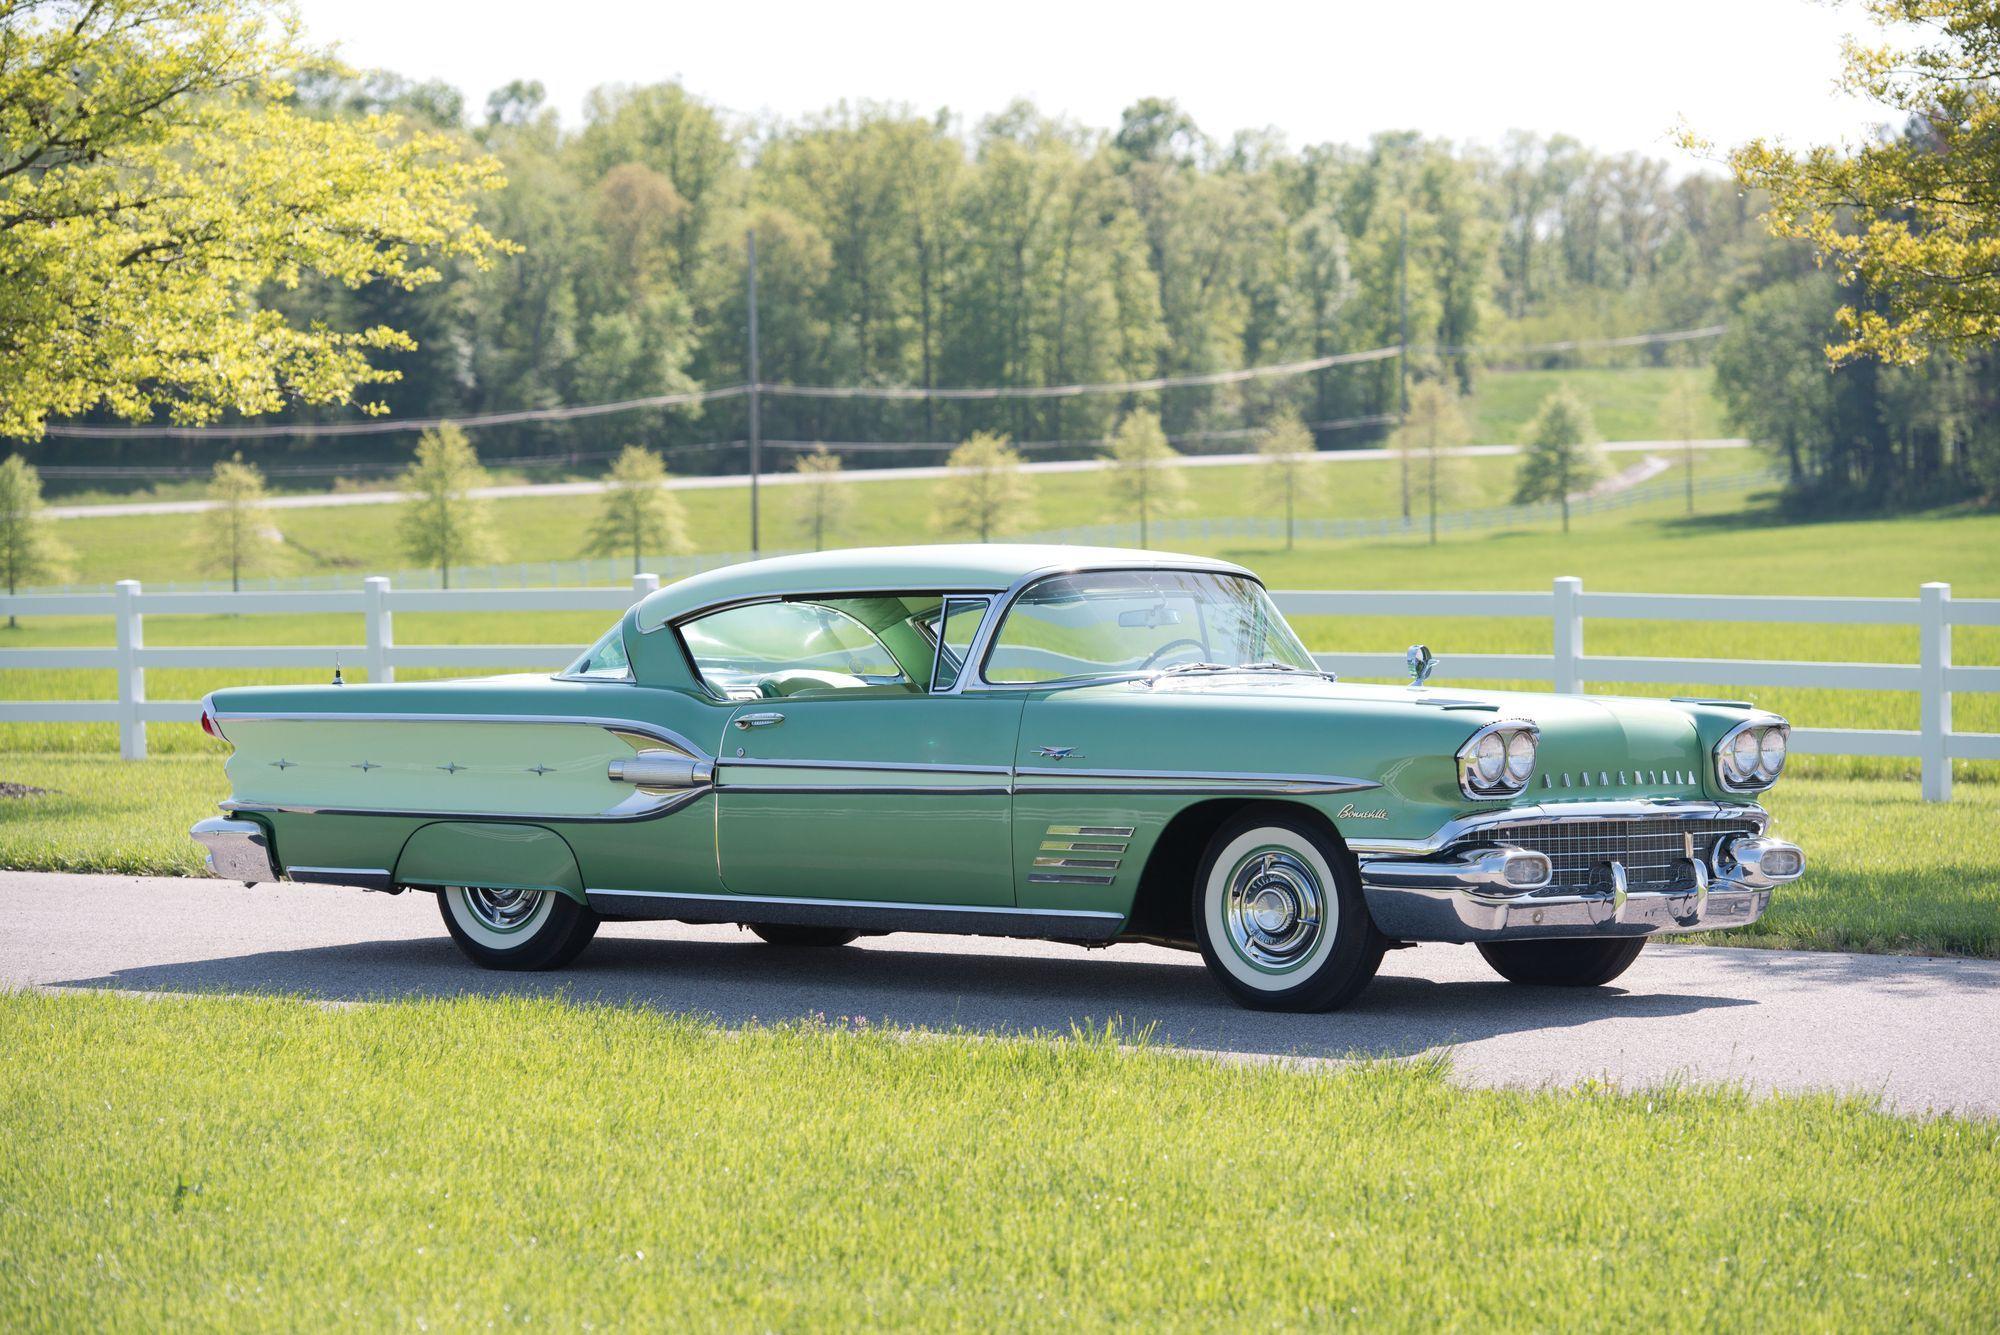 Pics photos 1958 pontiac for sale - Af13_r191_01 Jpg 2 000 1 335 Pixels Pontiac Bonneville